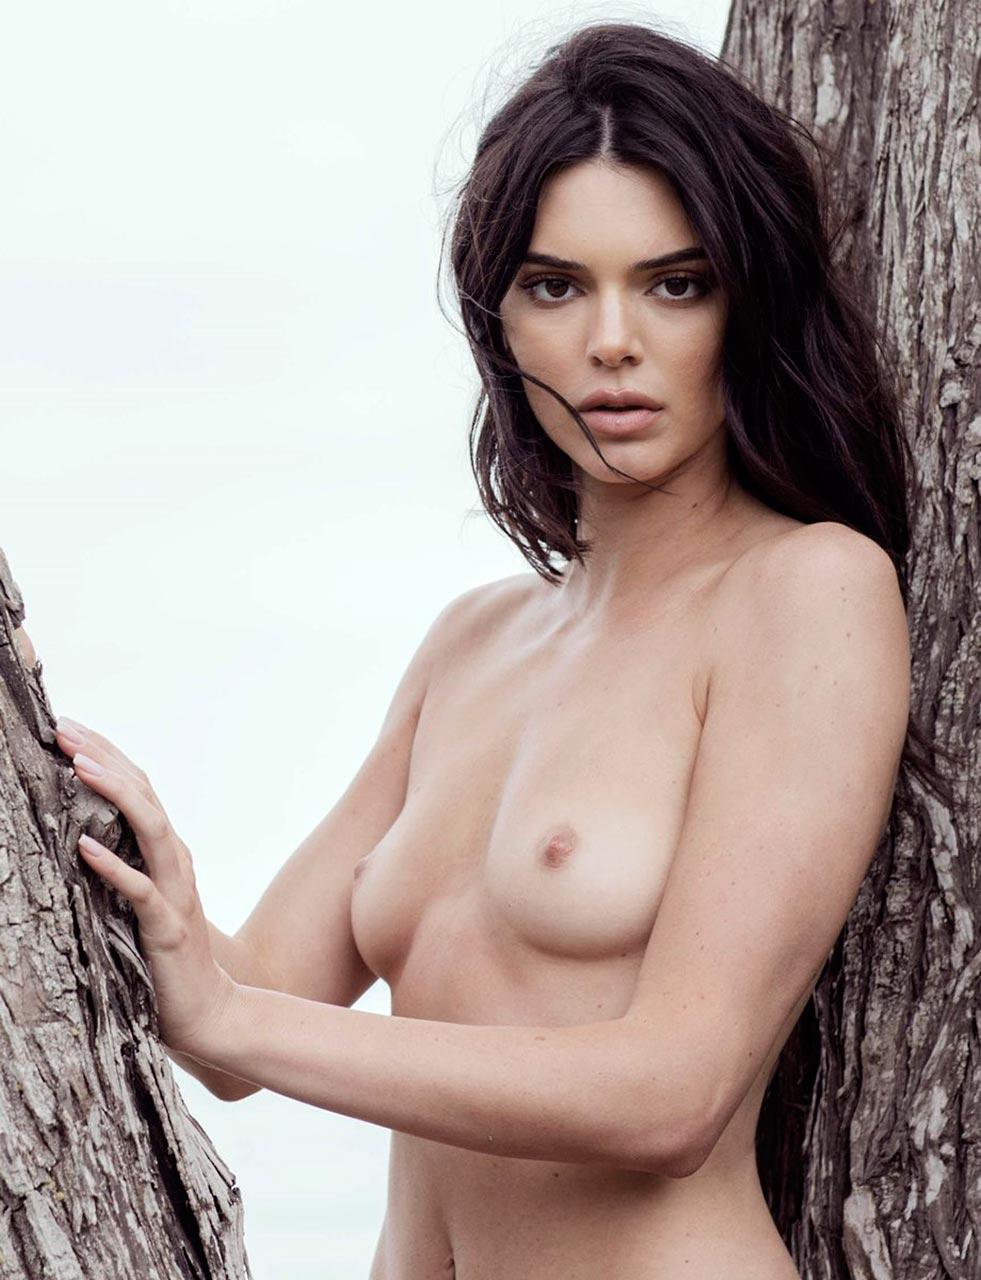 Kylie jenner nudes tumblr